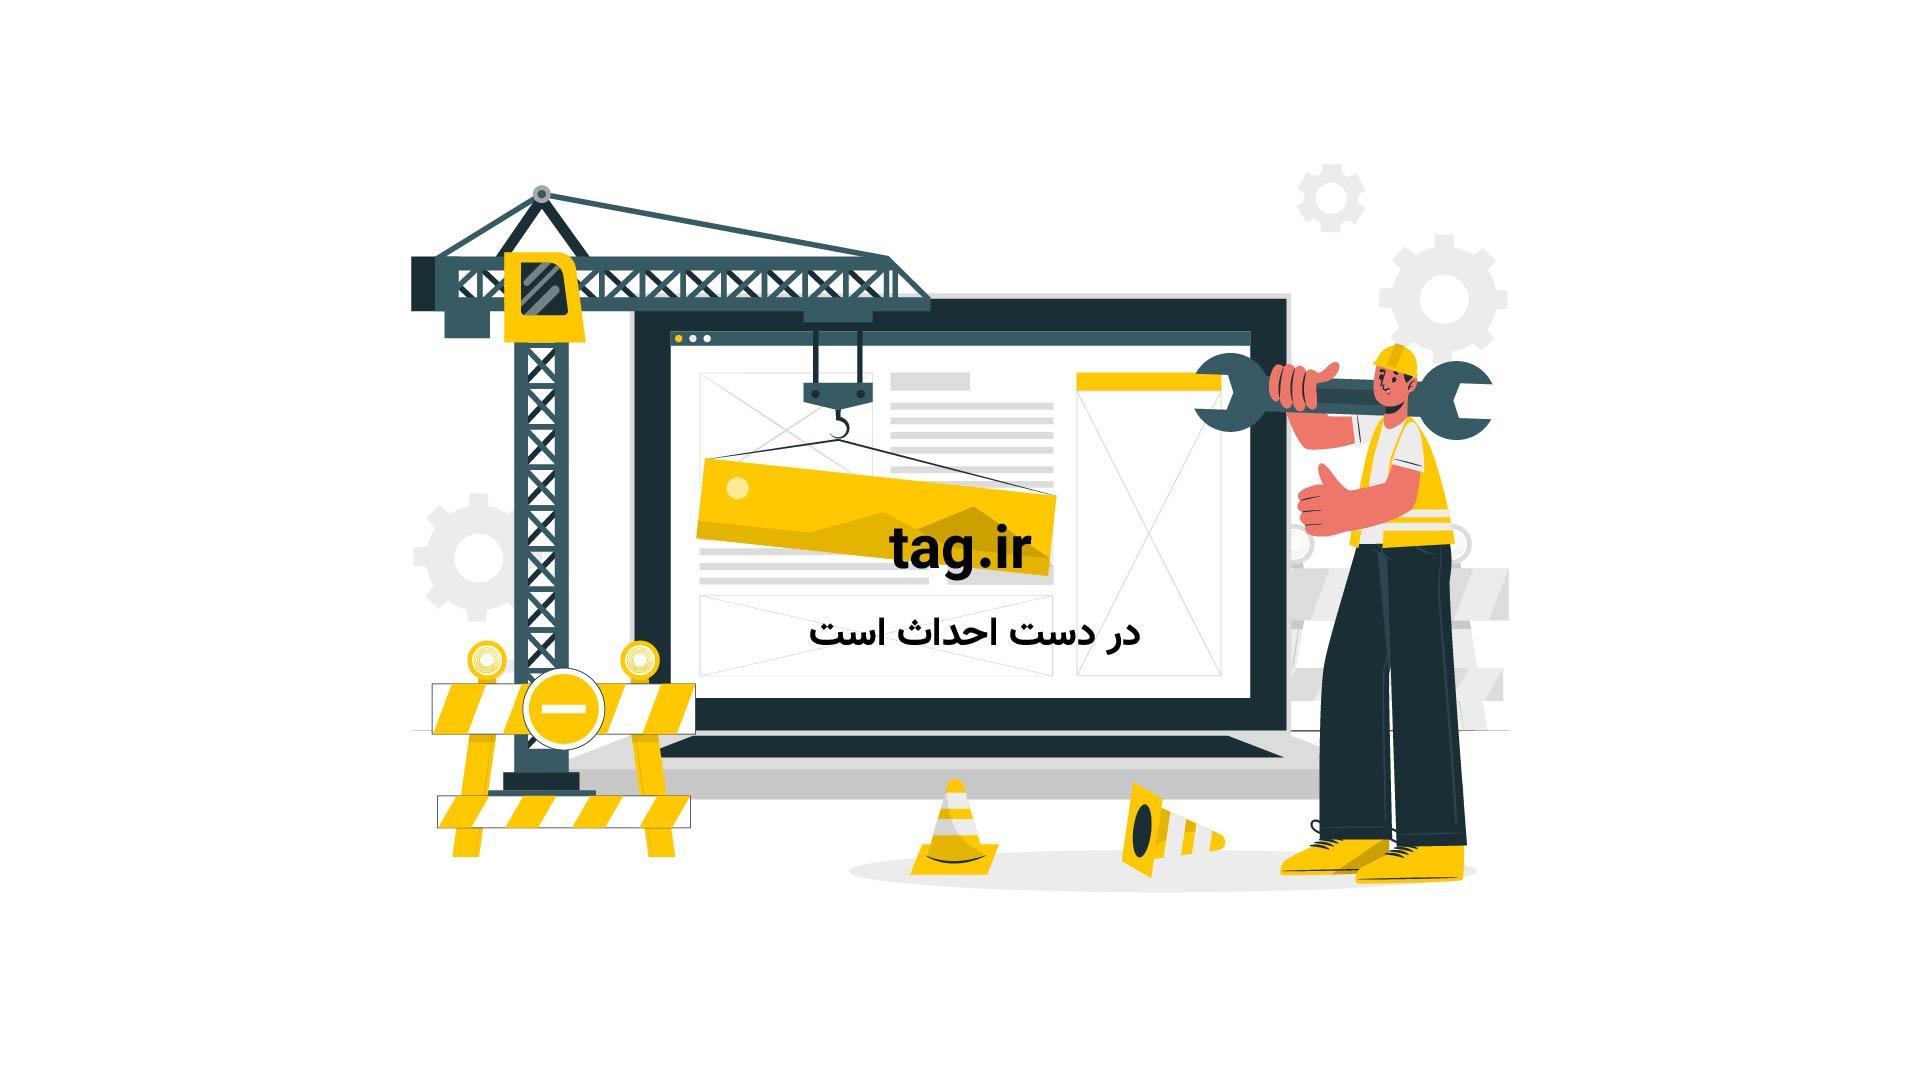 تمرینات امروز رئال مادرید برای آمادگی بازی با اسپورتینگ لیسبون | فیلم